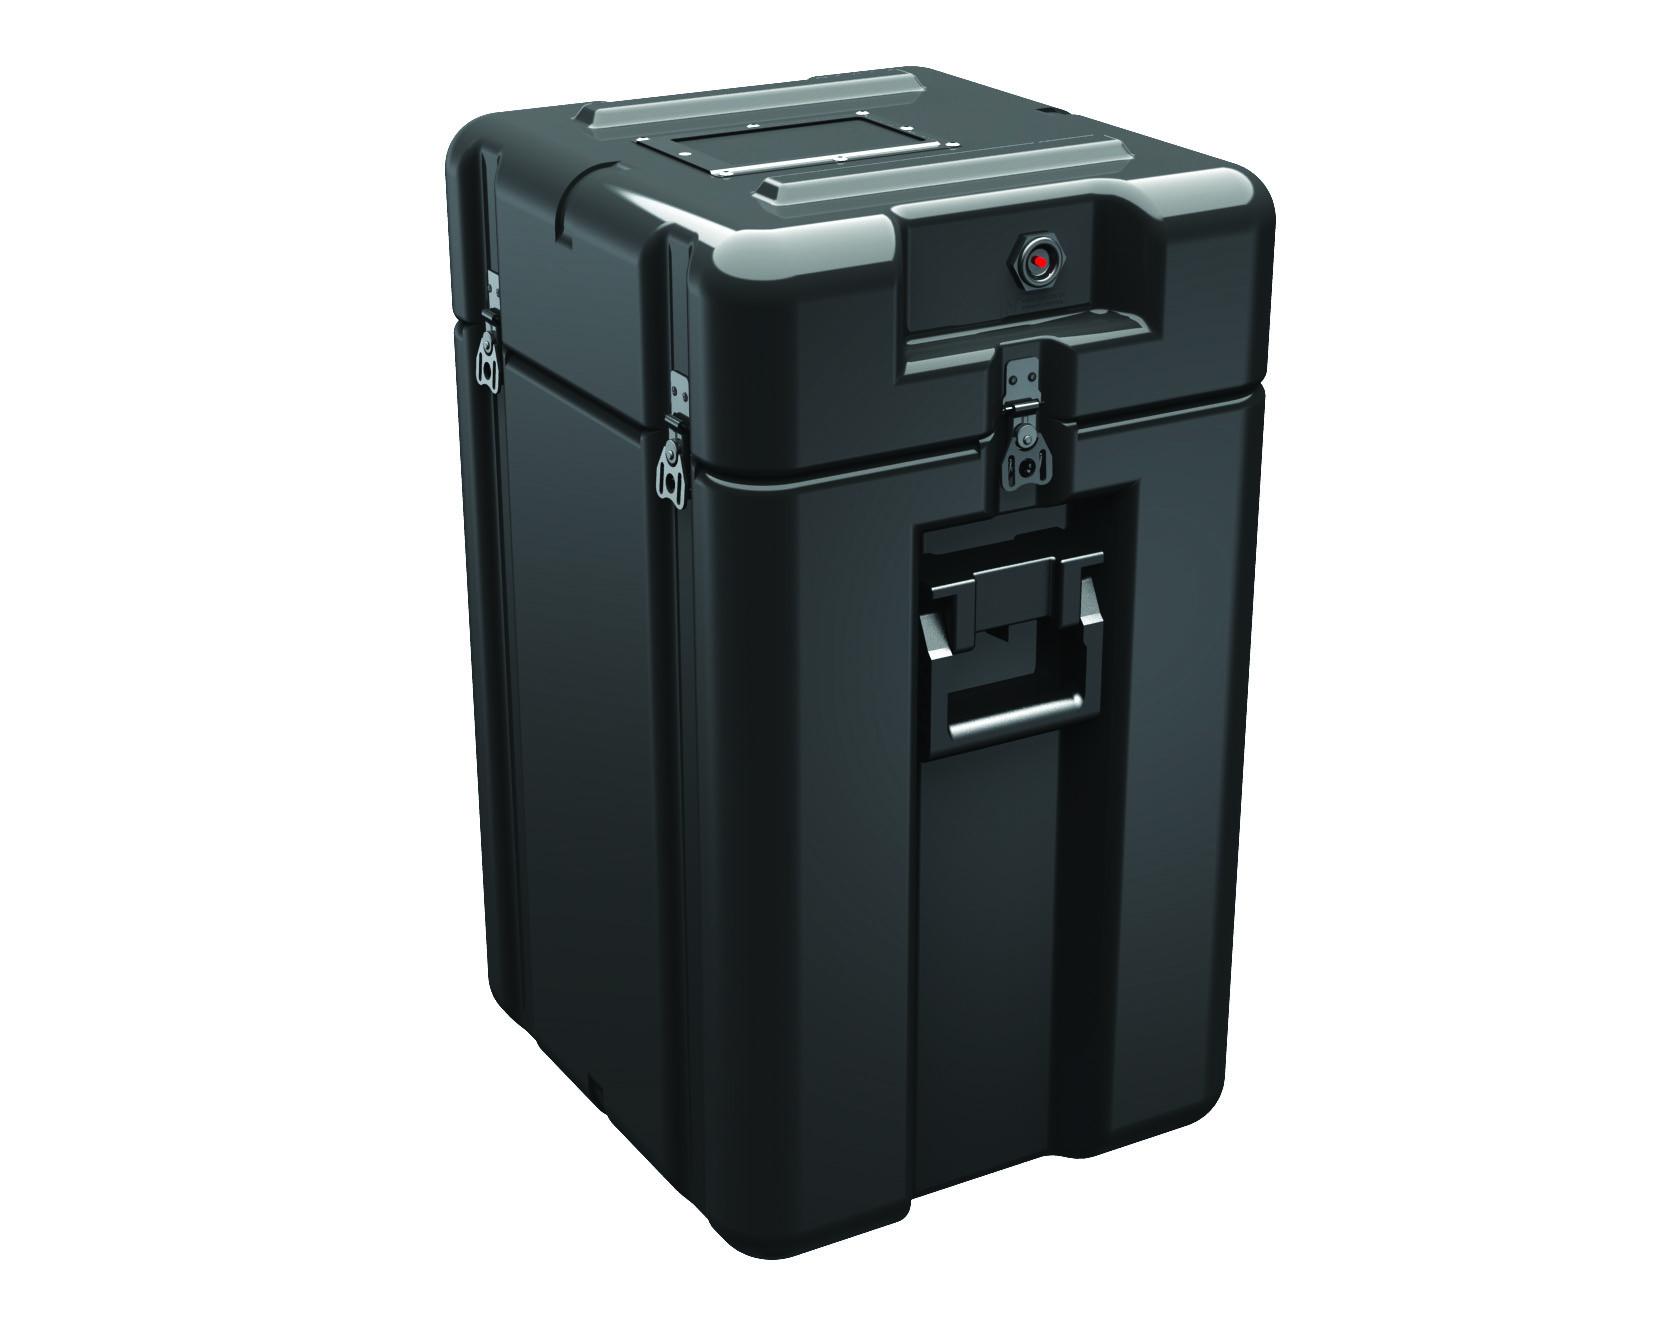 AL1413-2105 - AL1413-2105 Pelican Transport Case